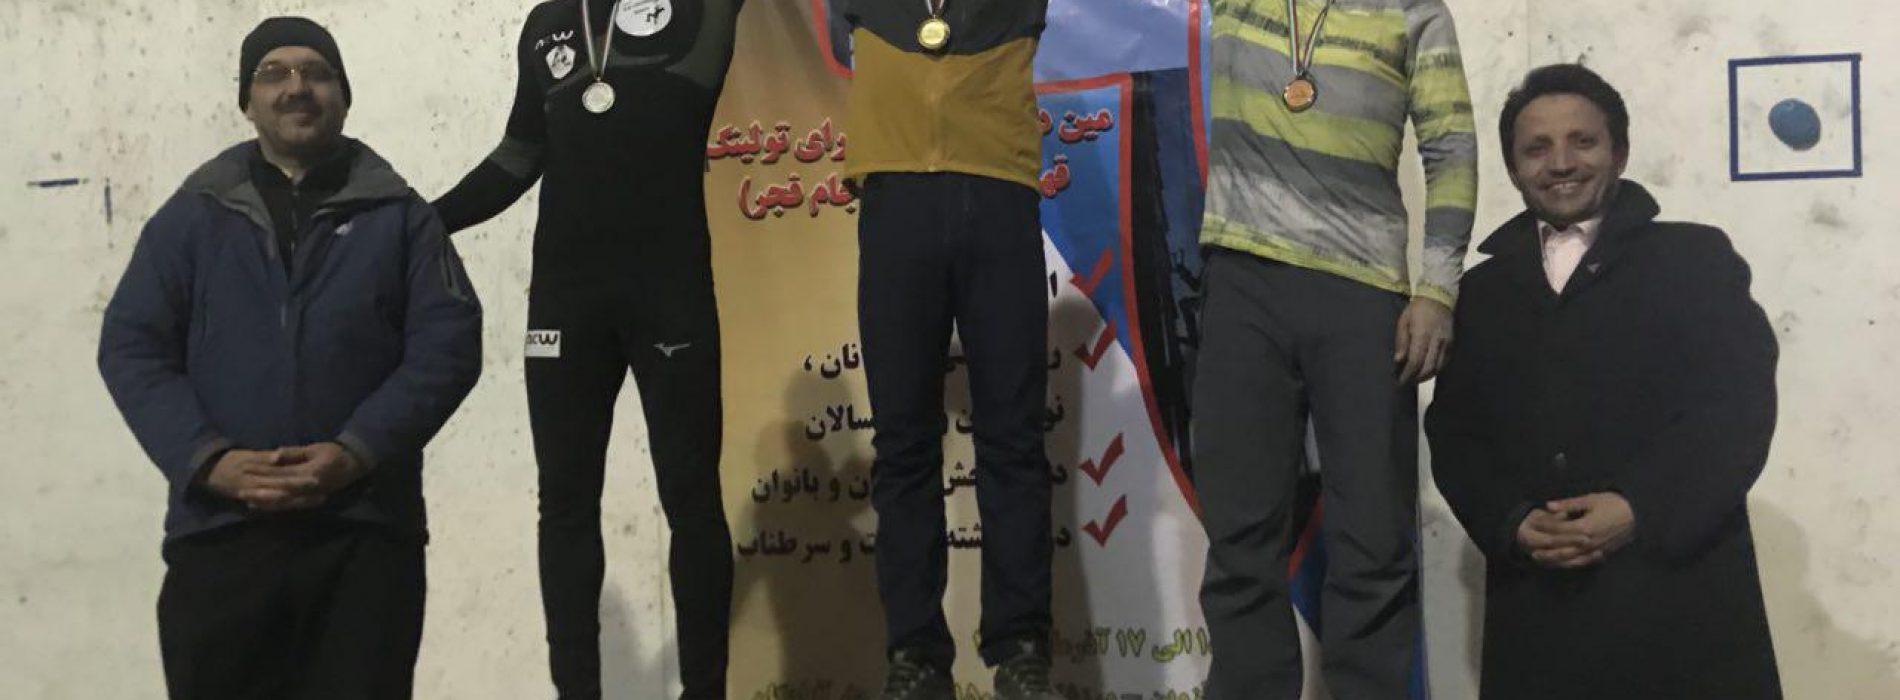 نتایج ششمین دوره مسابقات درای تولینگ جام فجر رده بزرگسالان و جوانان/سرطناب